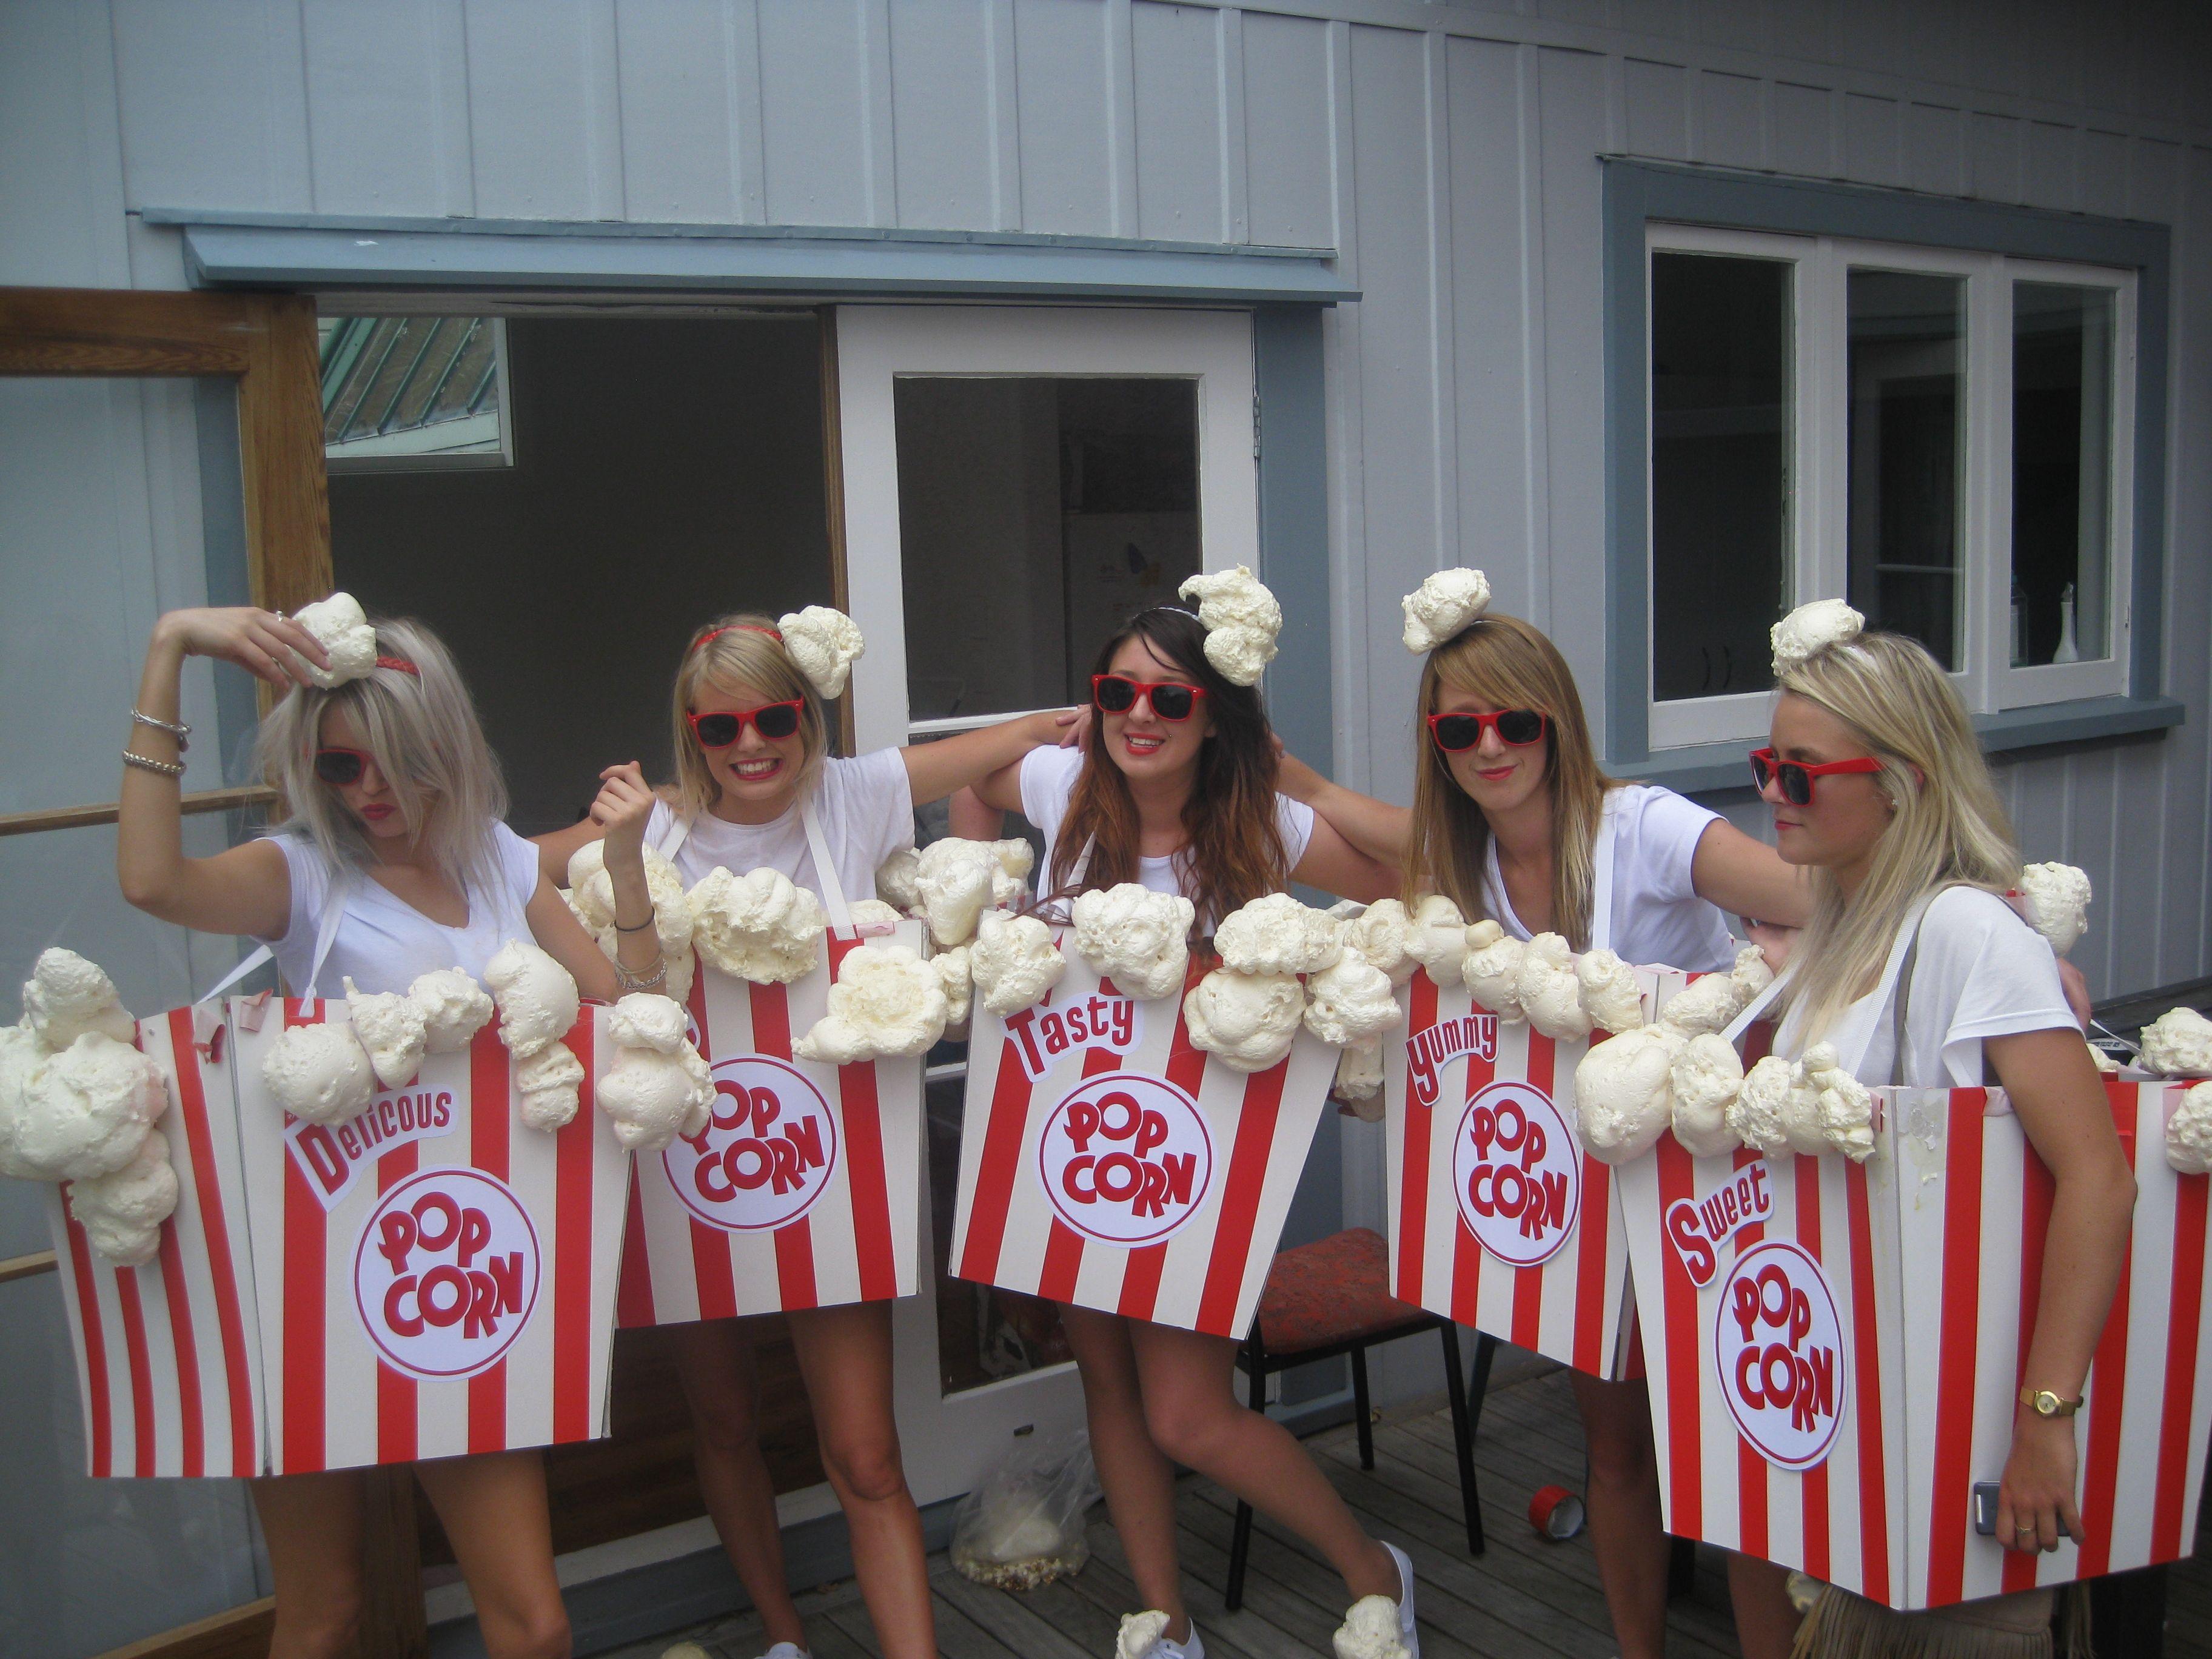 Die besten 25 popcorn kost m ideen auf pinterest essen kost me sushi kost m und sushi - Ideen karneval ...